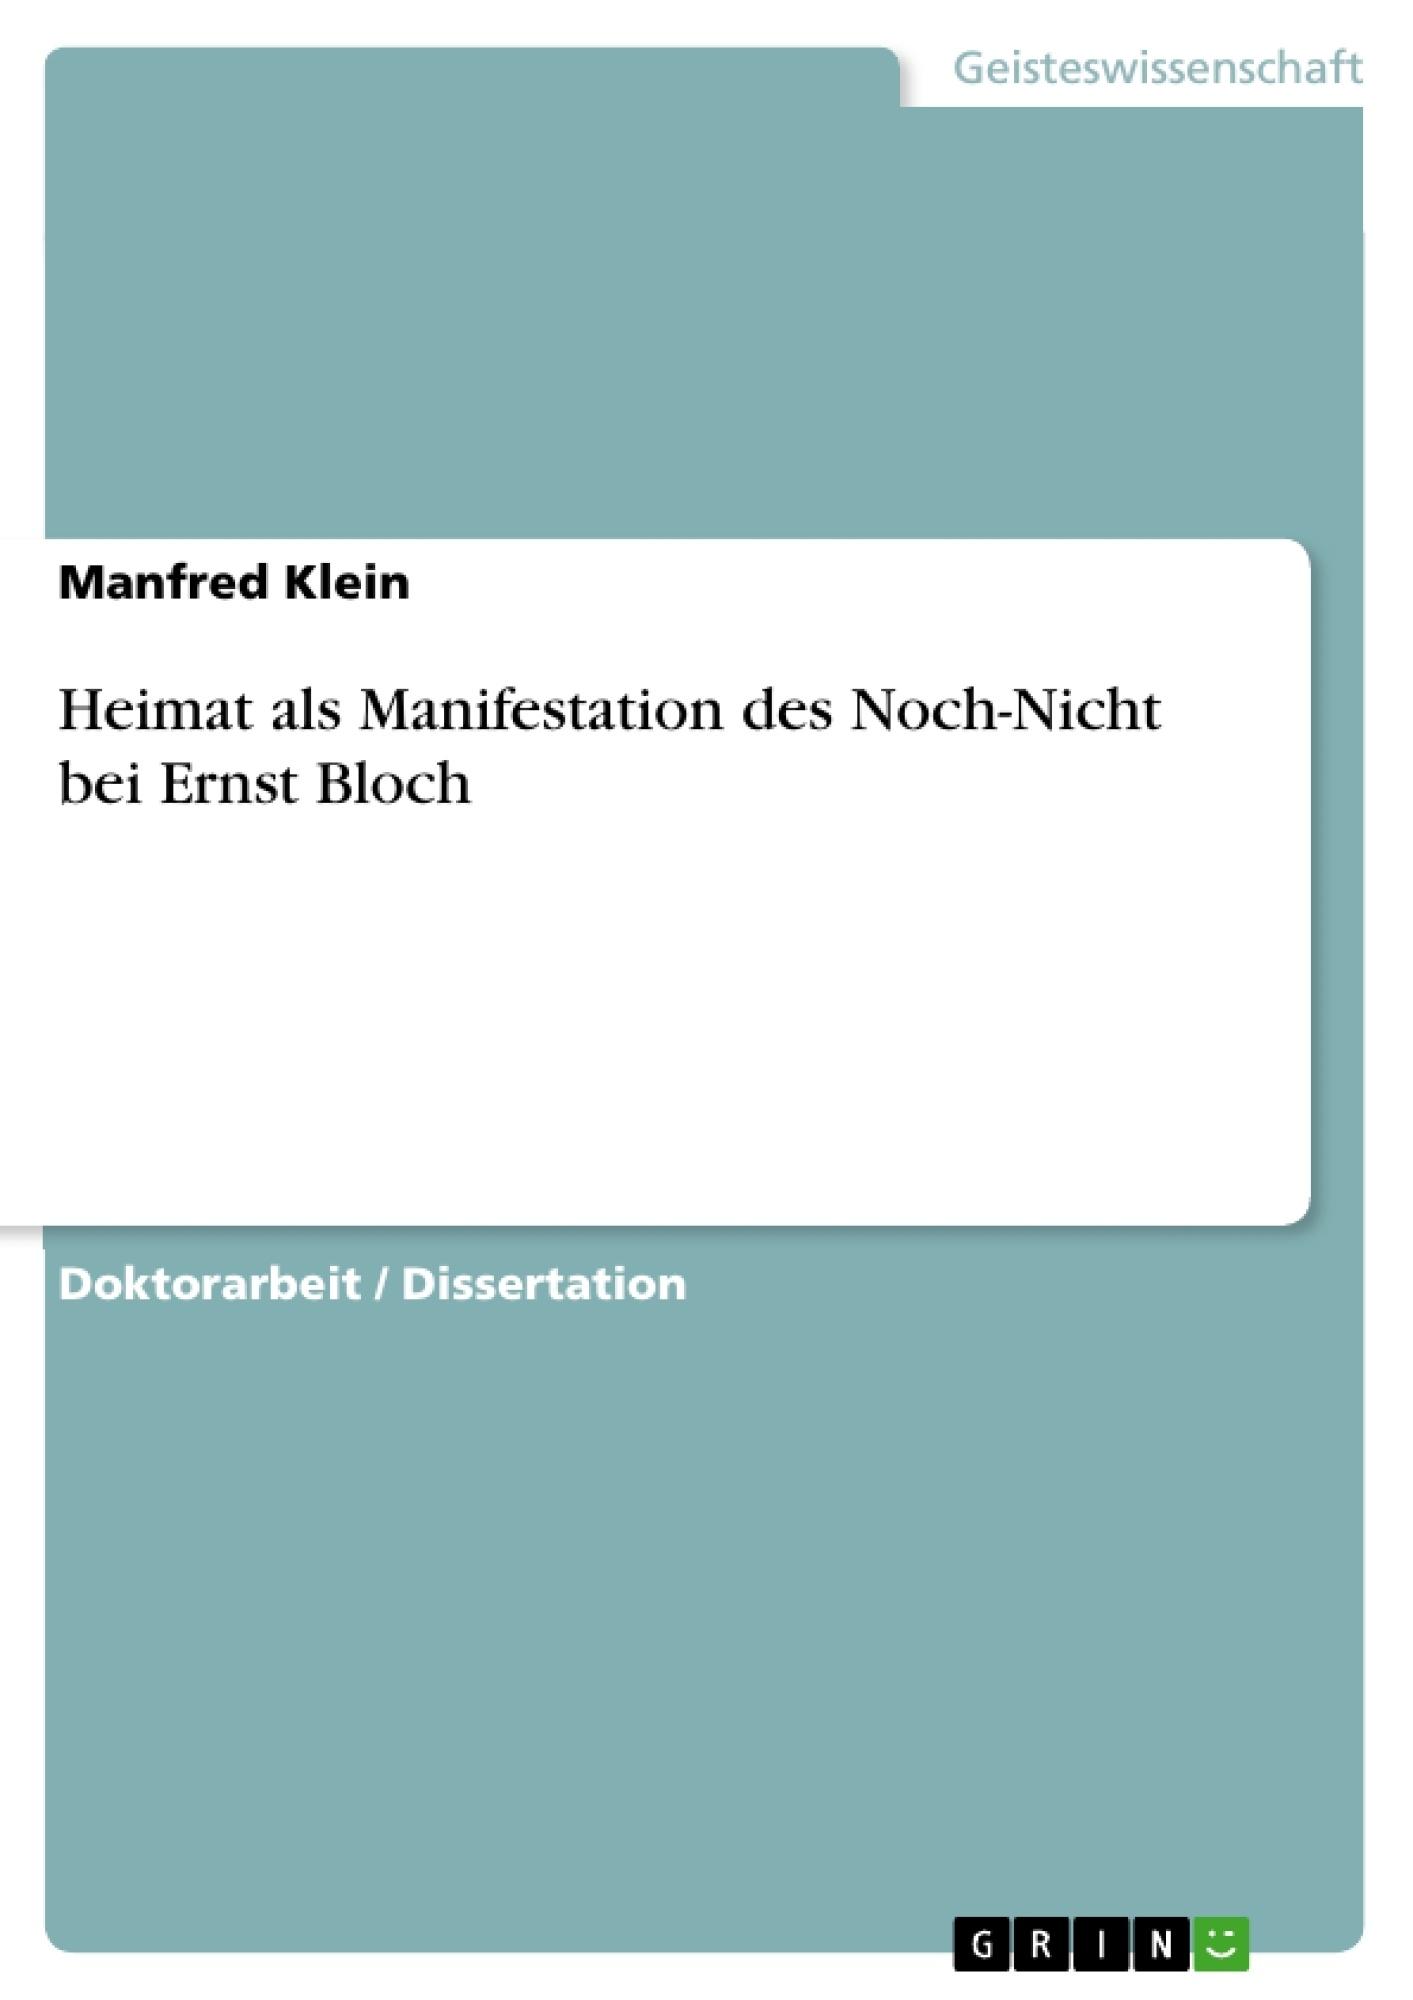 Titel: Heimat als Manifestation des Noch-Nicht bei Ernst Bloch